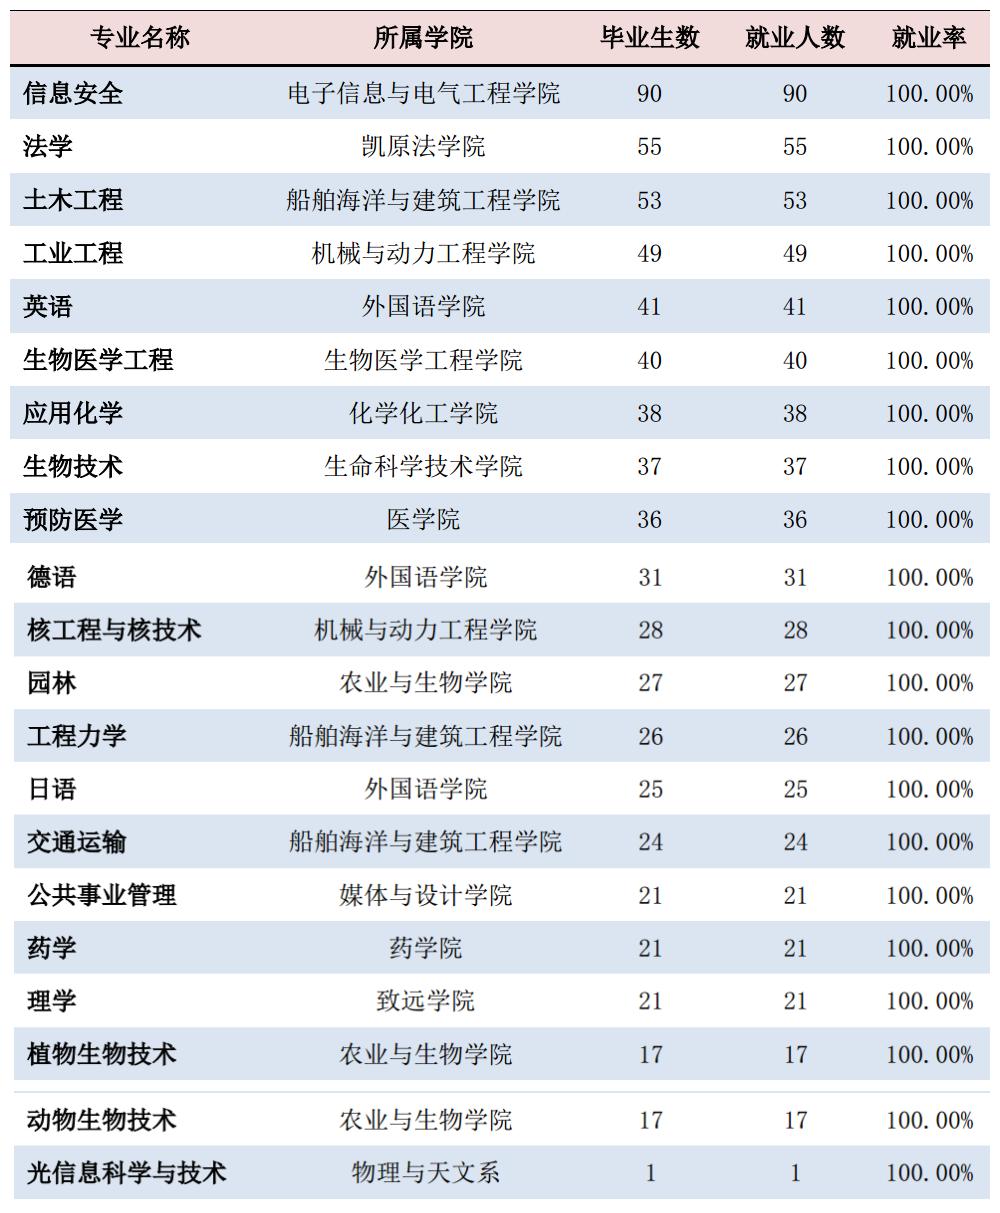 交大女生就业率高于男生 21个专业就业最佳